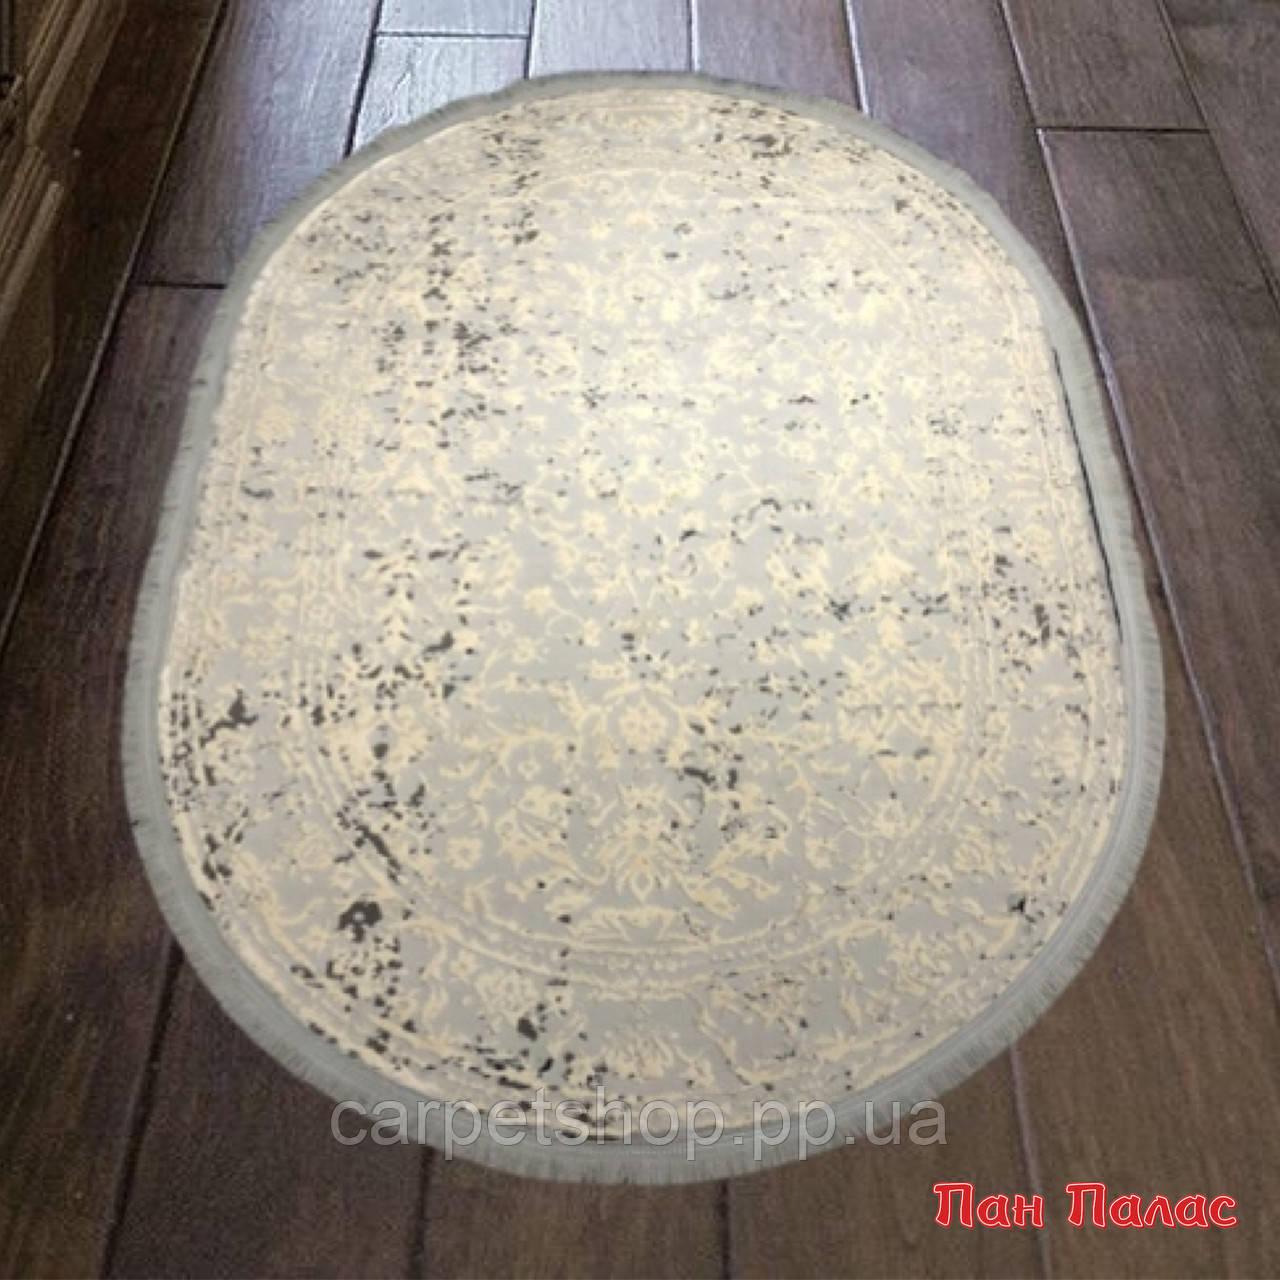 2х3 м. Килим Petra 5810, колір беж на підлогу у вітальню. Овали і прямі.